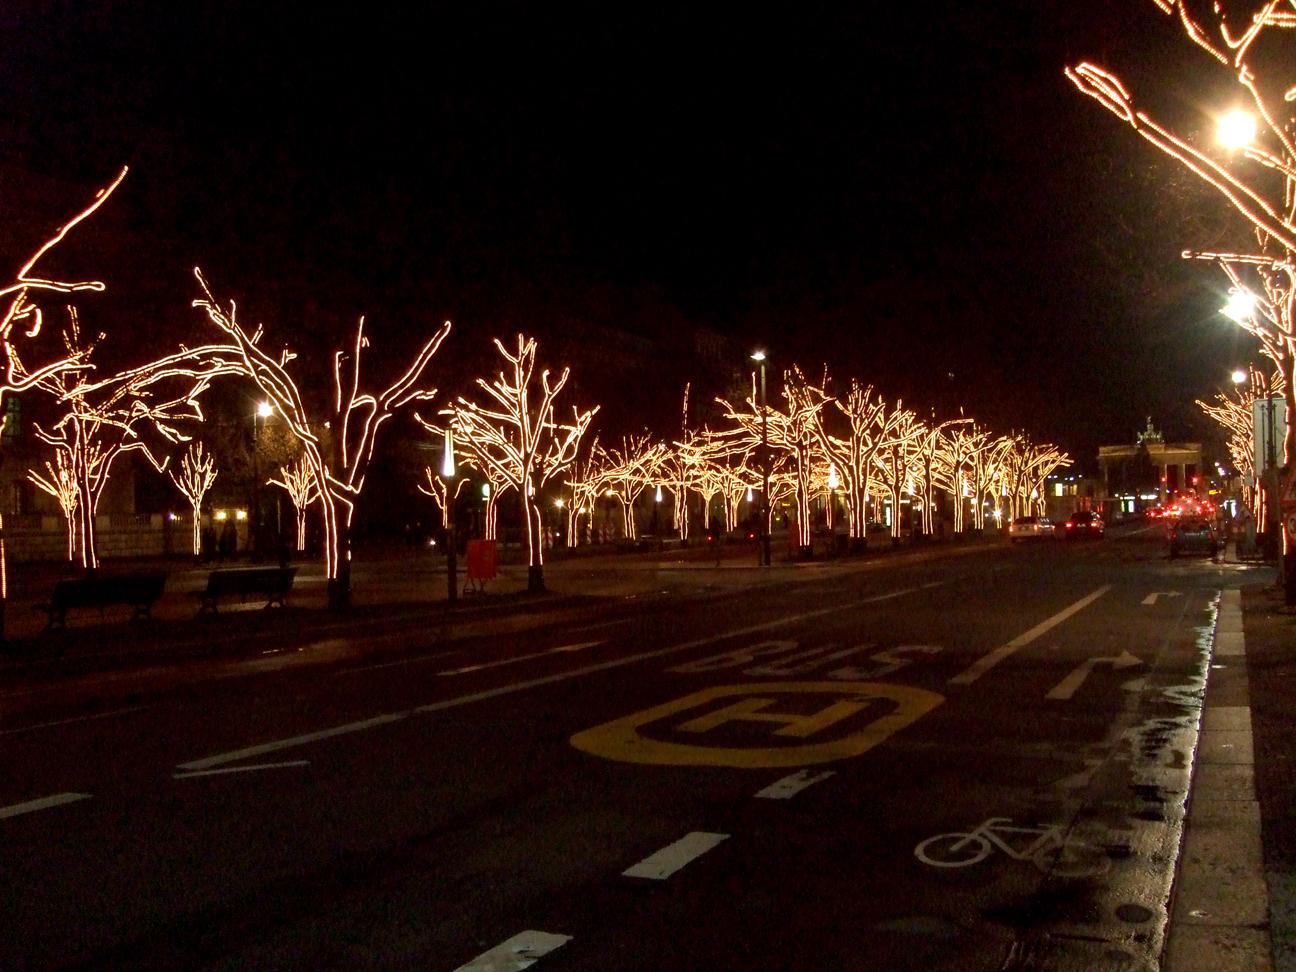 Unter Den Linden Weihnachtsbeleuchtung.File Weihnachten Udl Jpg Wikimedia Commons